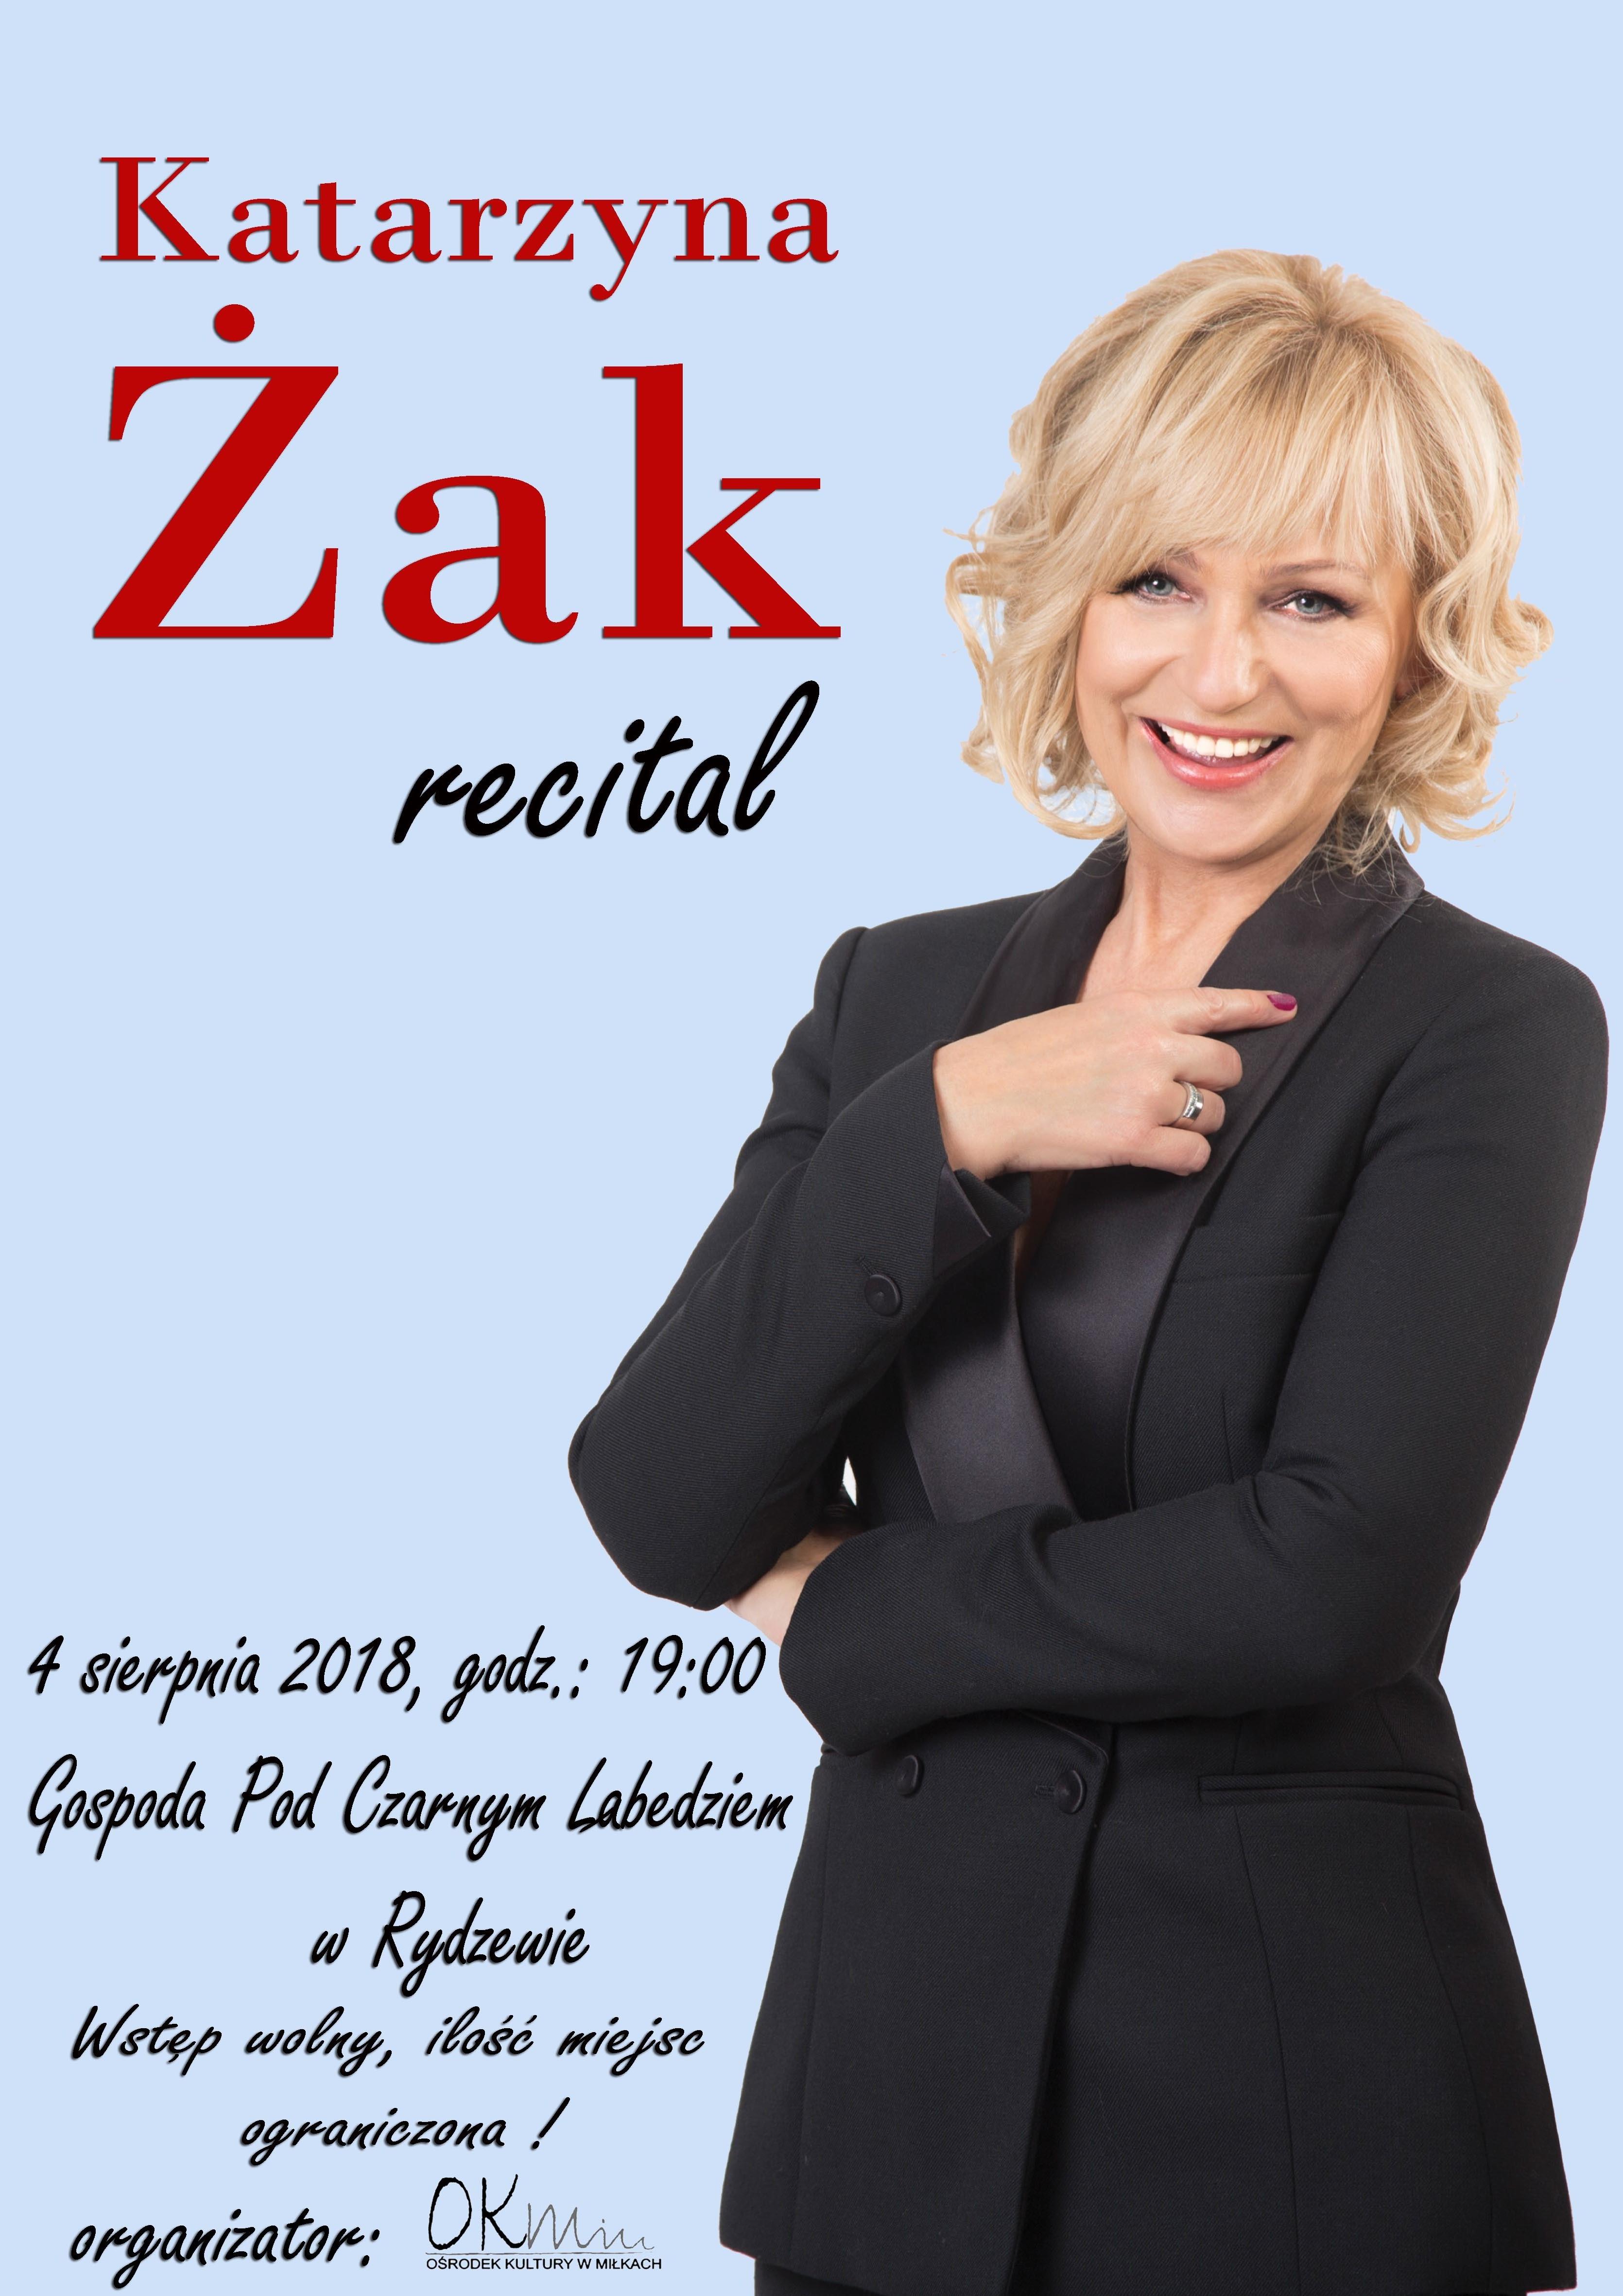 Katarzyna Żak - recital